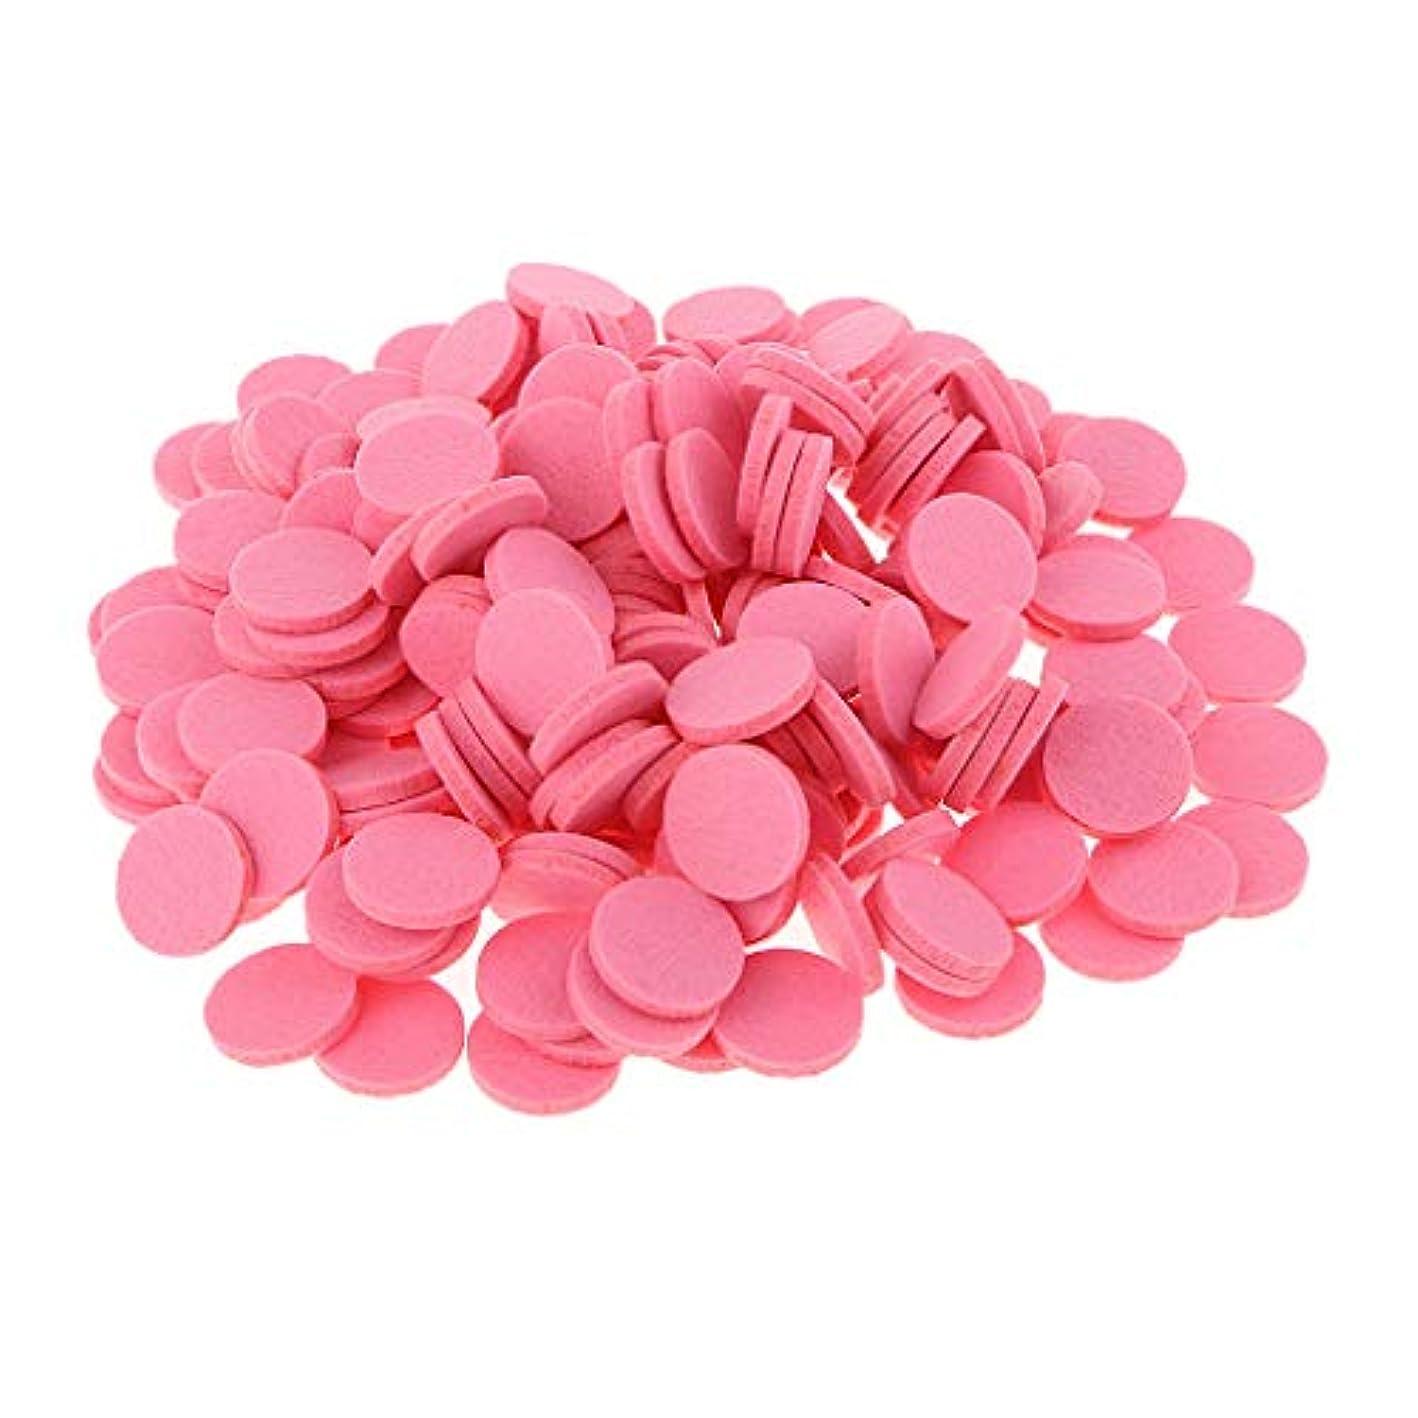 動的区別する幻影約200個入り 詰め替えパッド 精油付き アロマディフューザー 交換用 オイルパッド 全11色 - ピンク